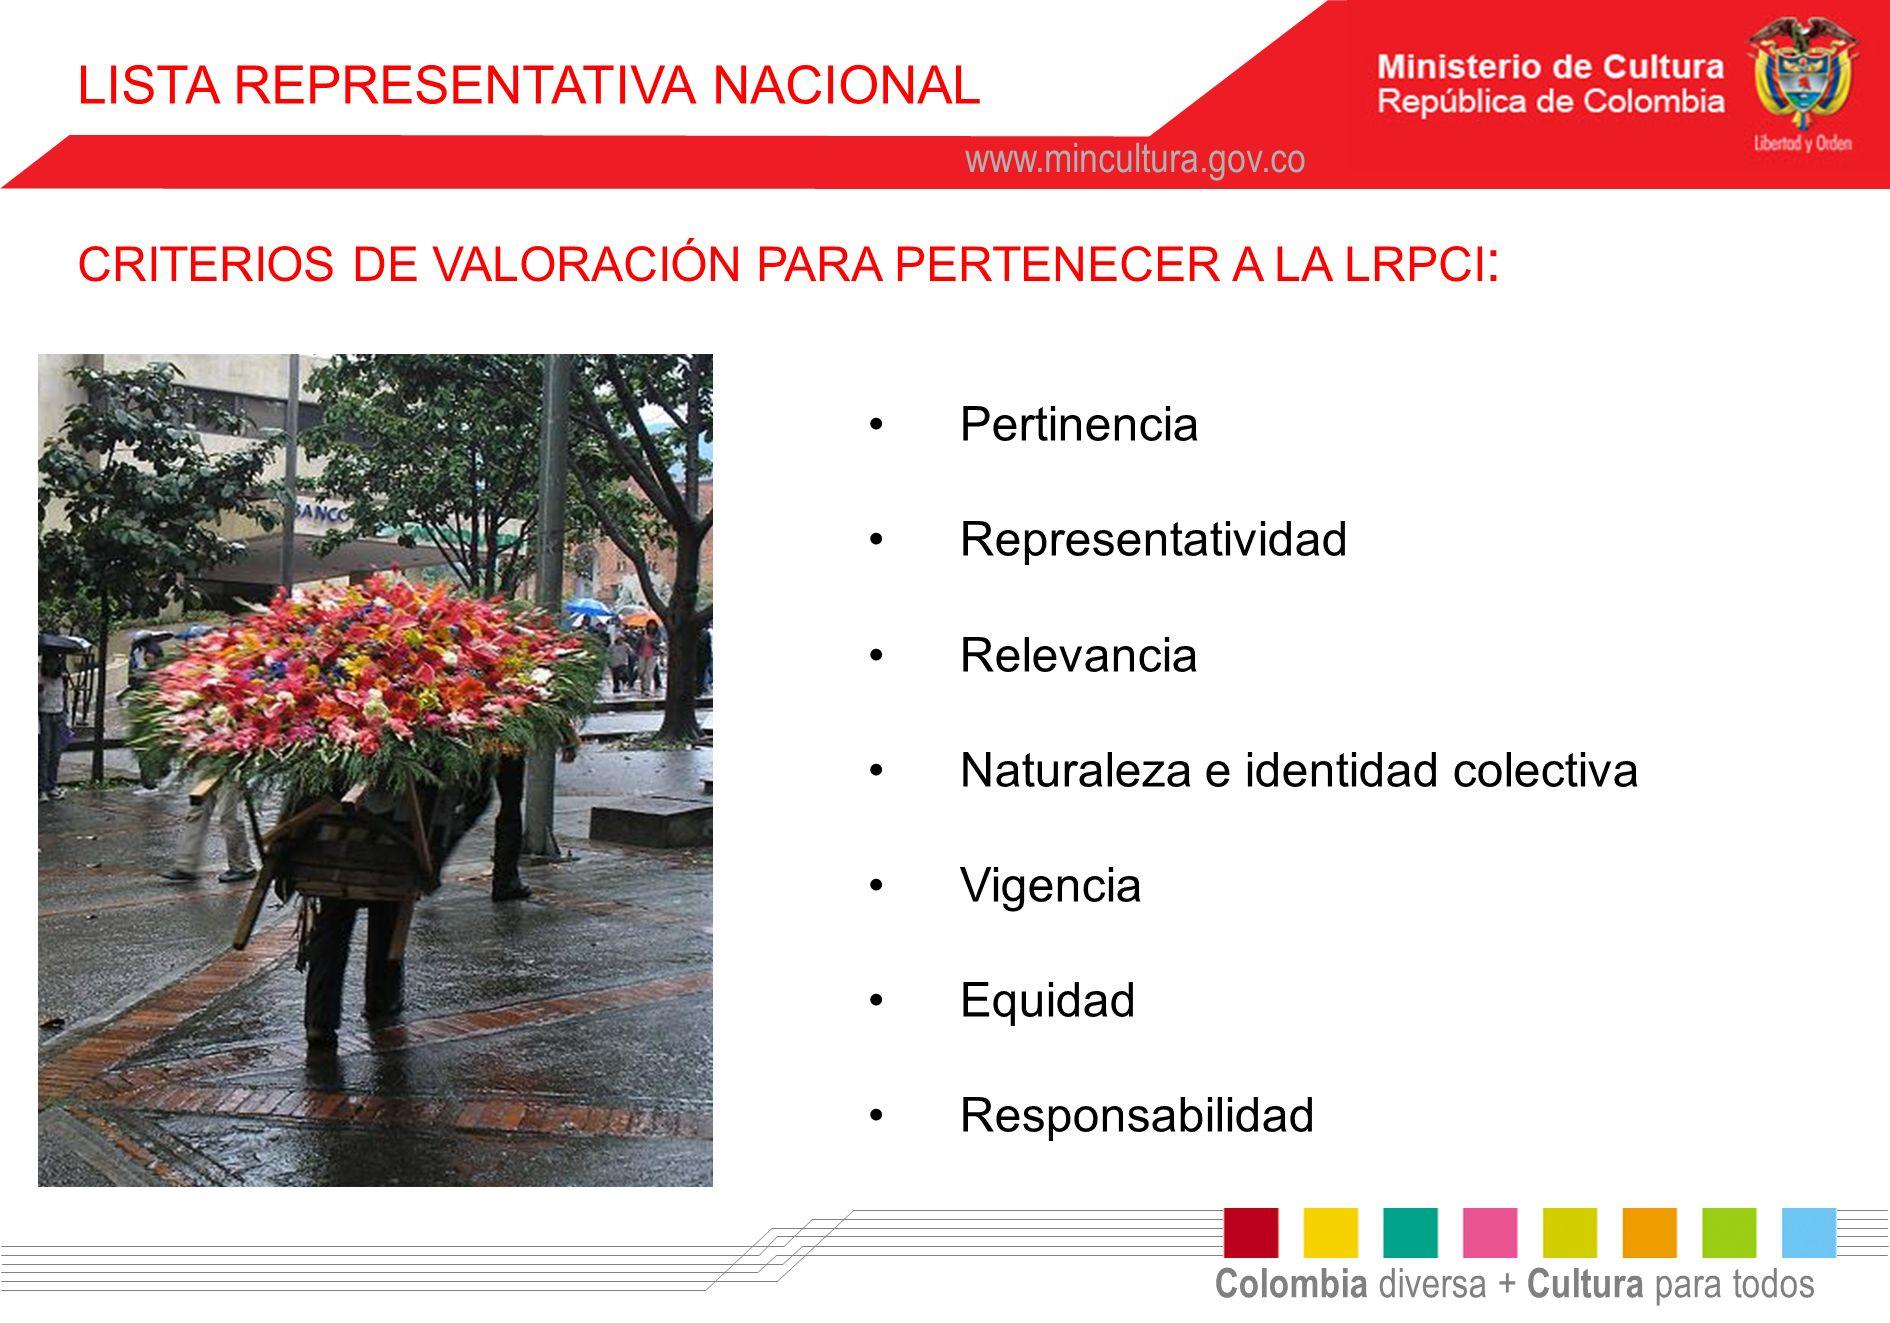 Colombia diversa + Cultura para todos www.mincultura.gov.co Pertinencia Representatividad Relevancia Naturaleza e identidad colectiva Vigencia Equidad